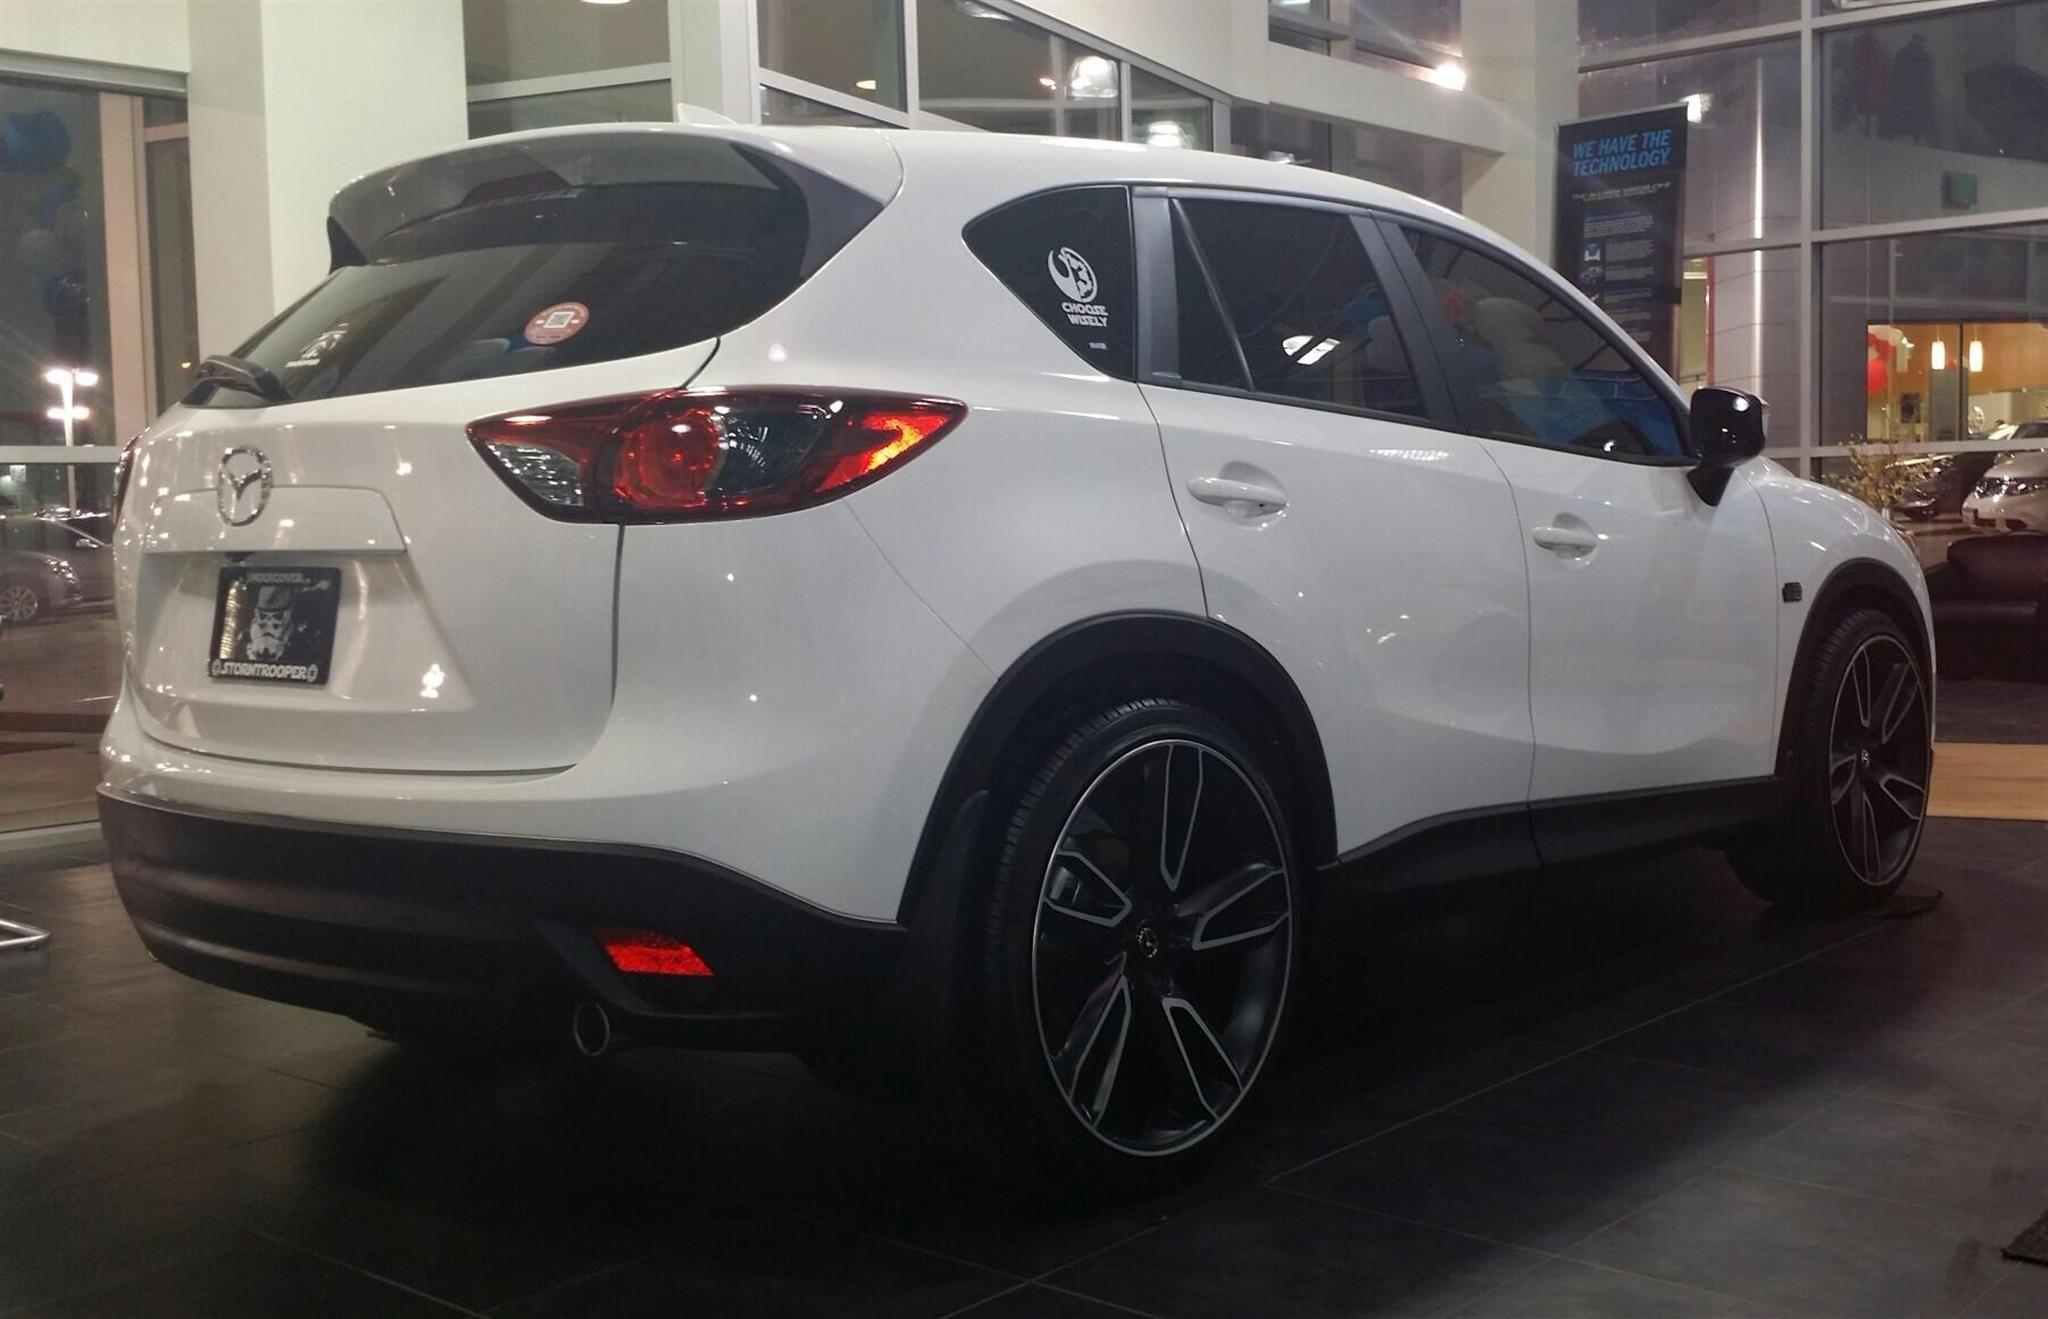 Riverside Mazda Mazda Mazda Cars Mom Car